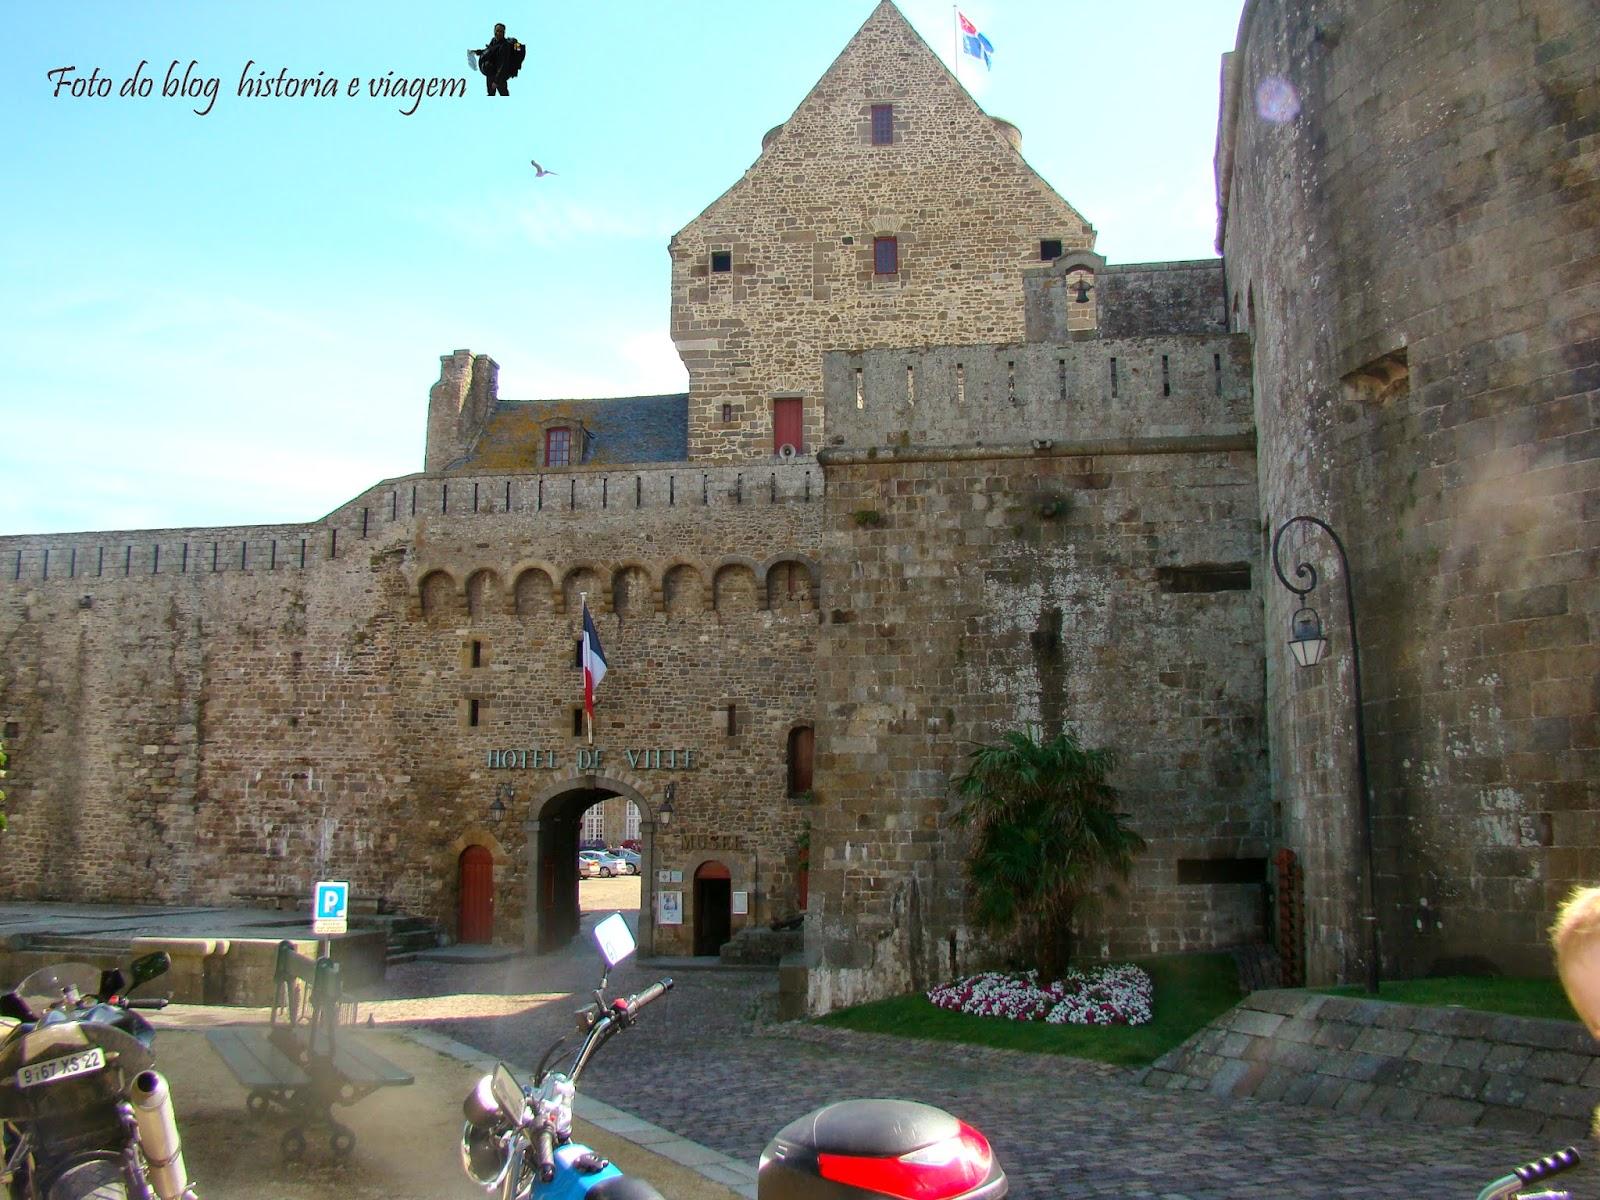 St-Malo - França